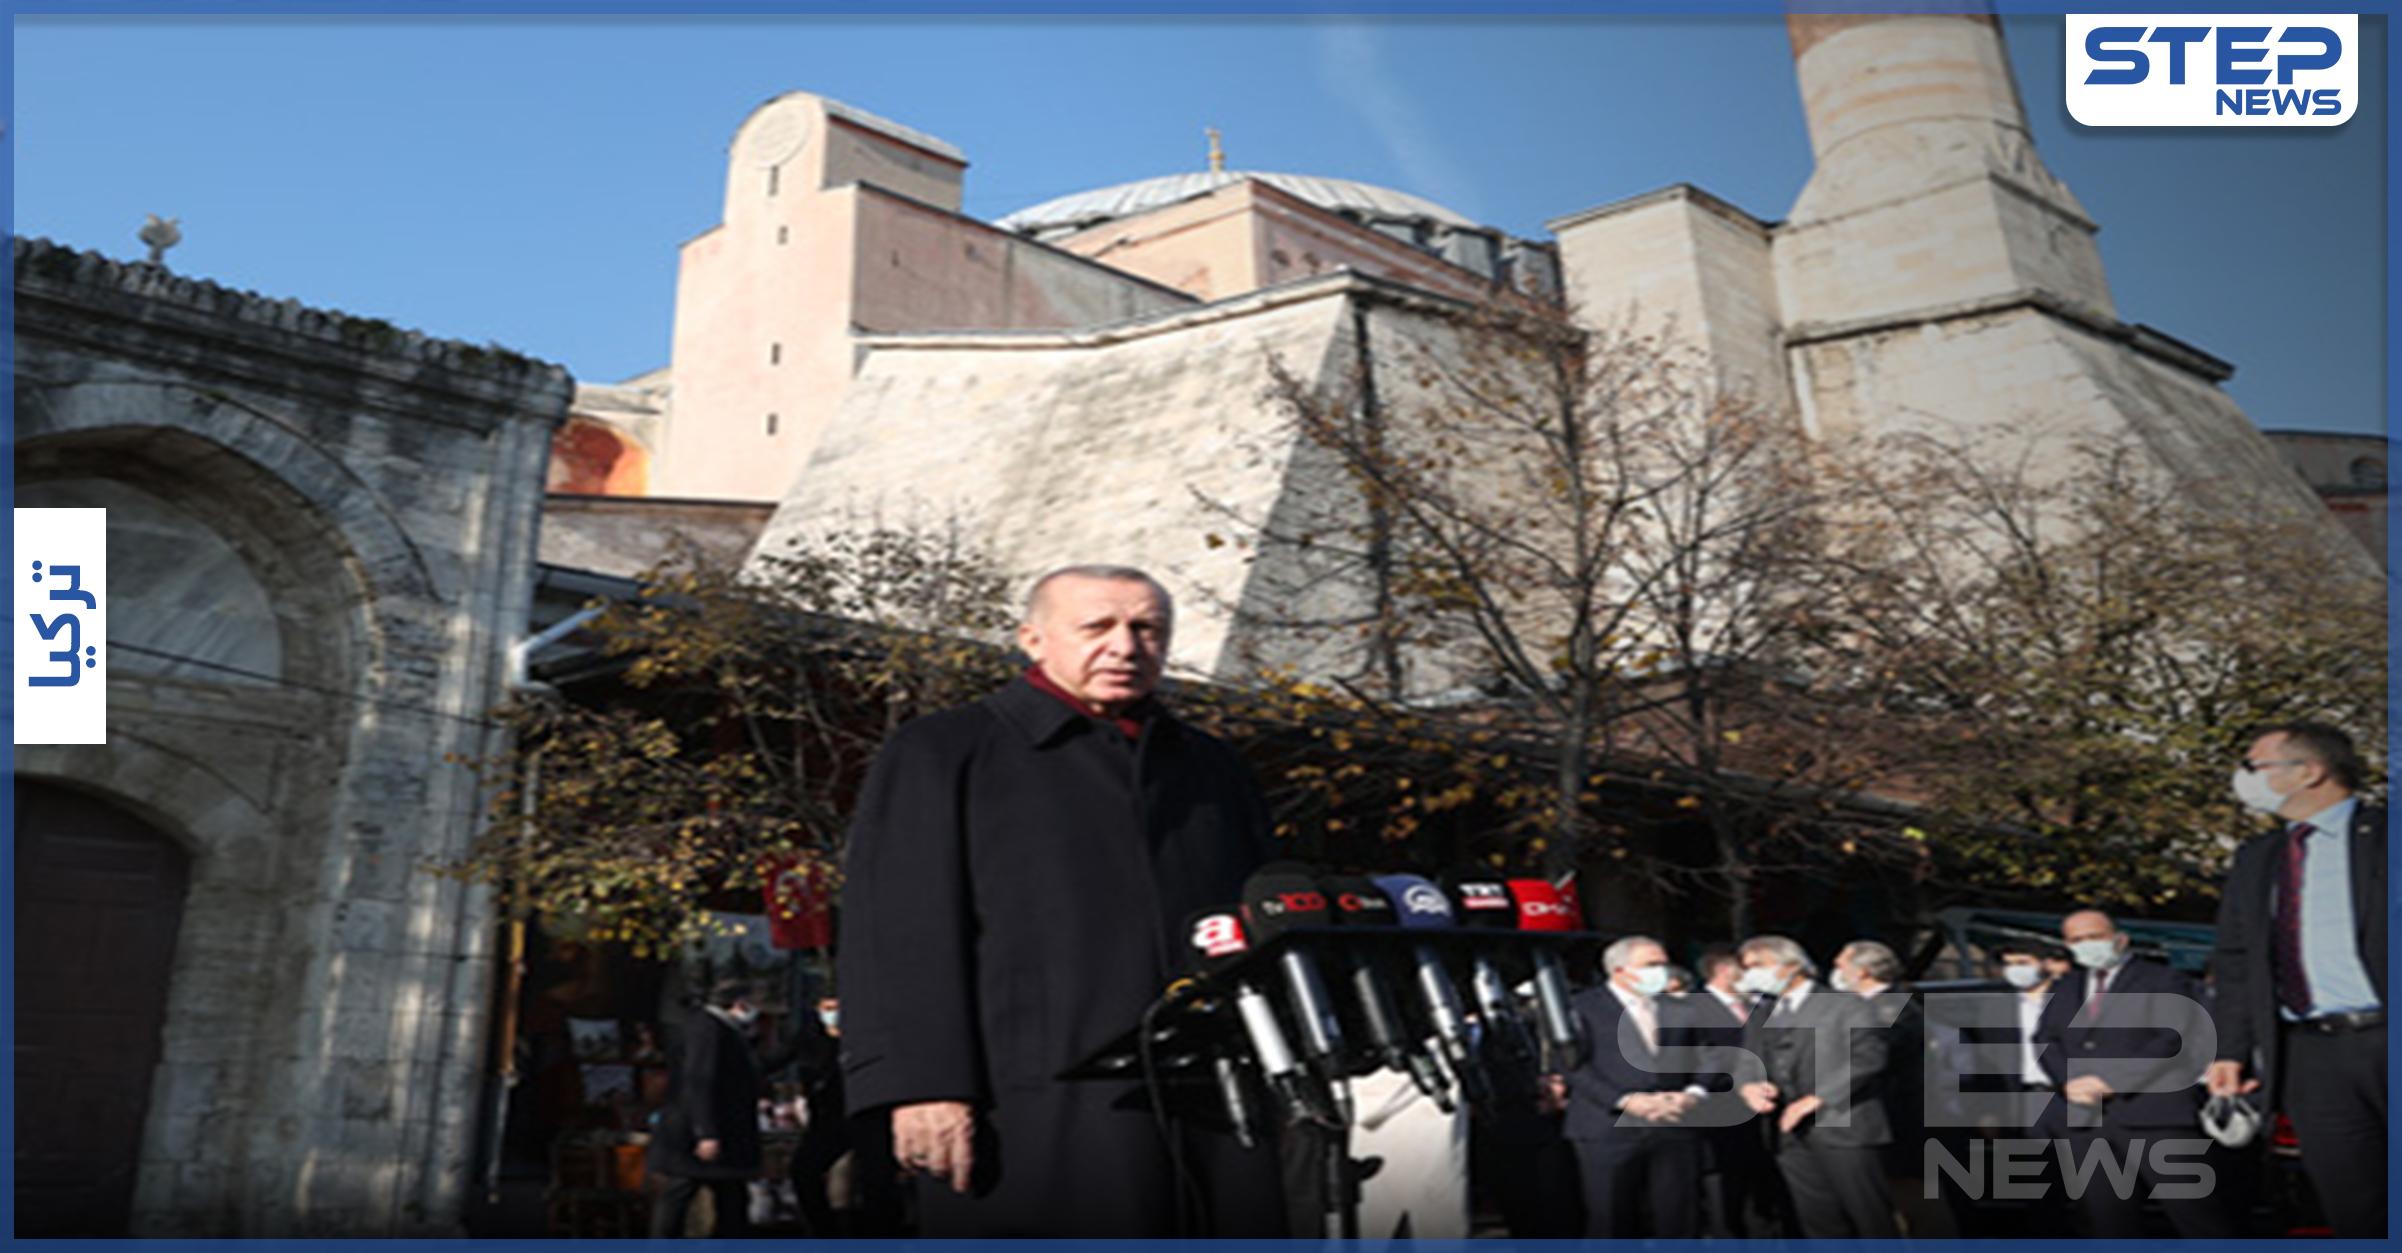 فرنسا تشيد بالتعاون مع مصر في الشرق الأوسط .. وماكرون وأردوغان يتبادلان الهجوم ( فيديو)